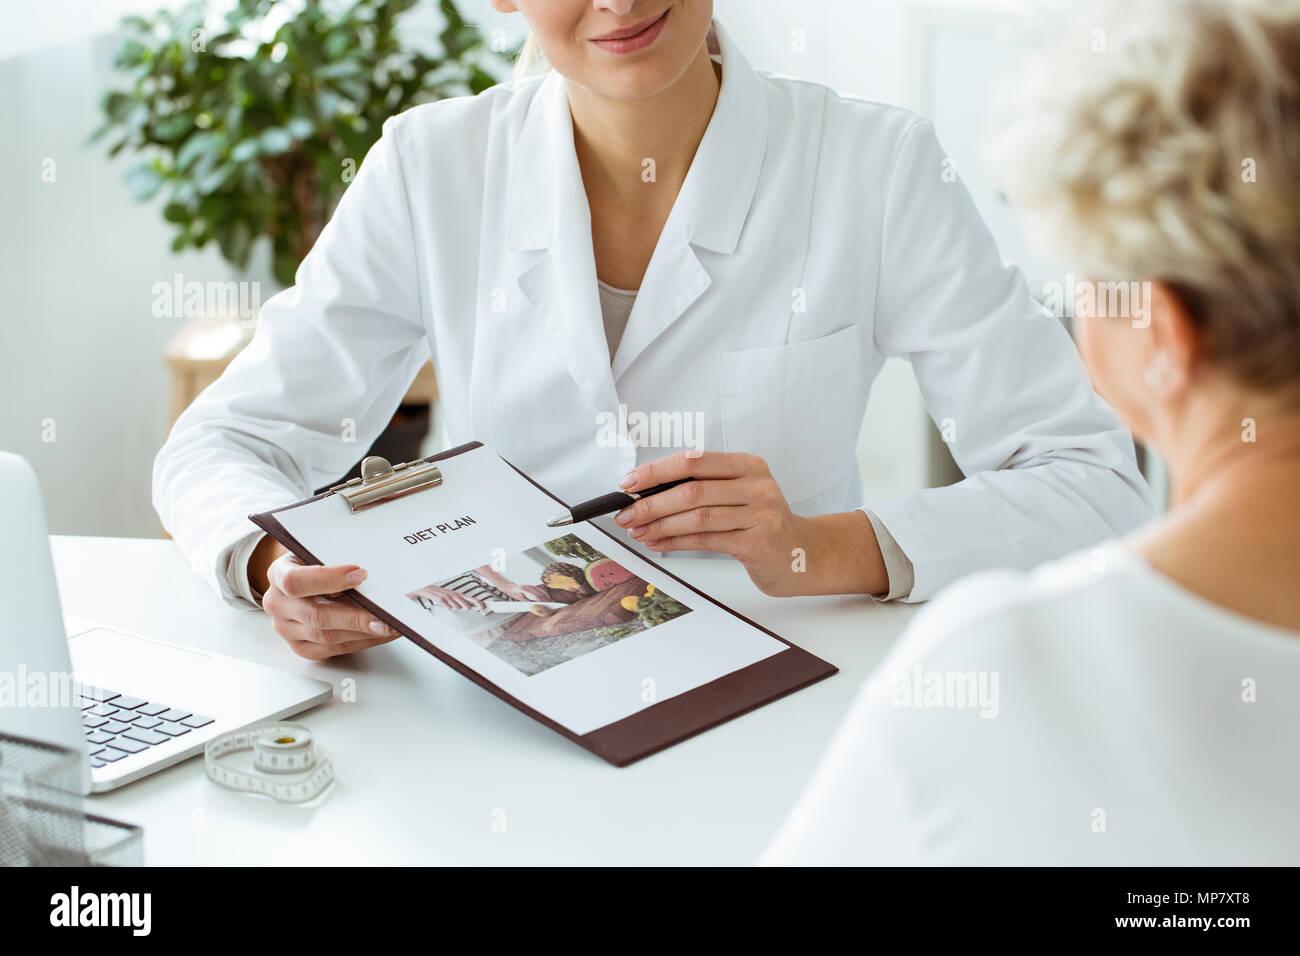 Close-up de la nutricionista mantiene un plan de dieta personalizada para un paciente durante la cita en la clínica Imagen De Stock